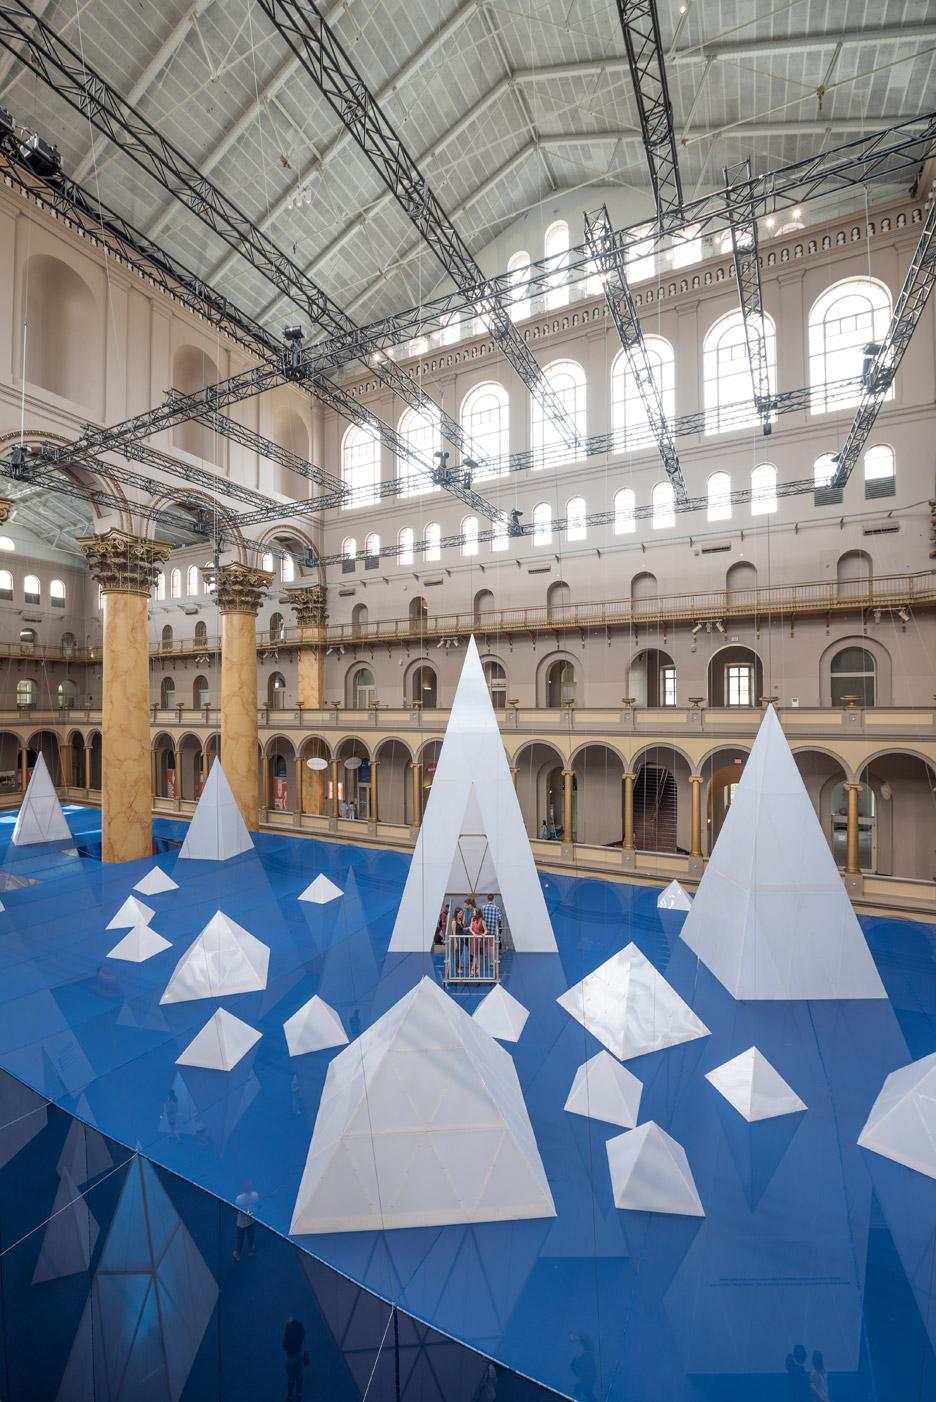 icebergs-installation-james-corner-tim-schenck-washington-dc-dezeen_dezeen_936_11